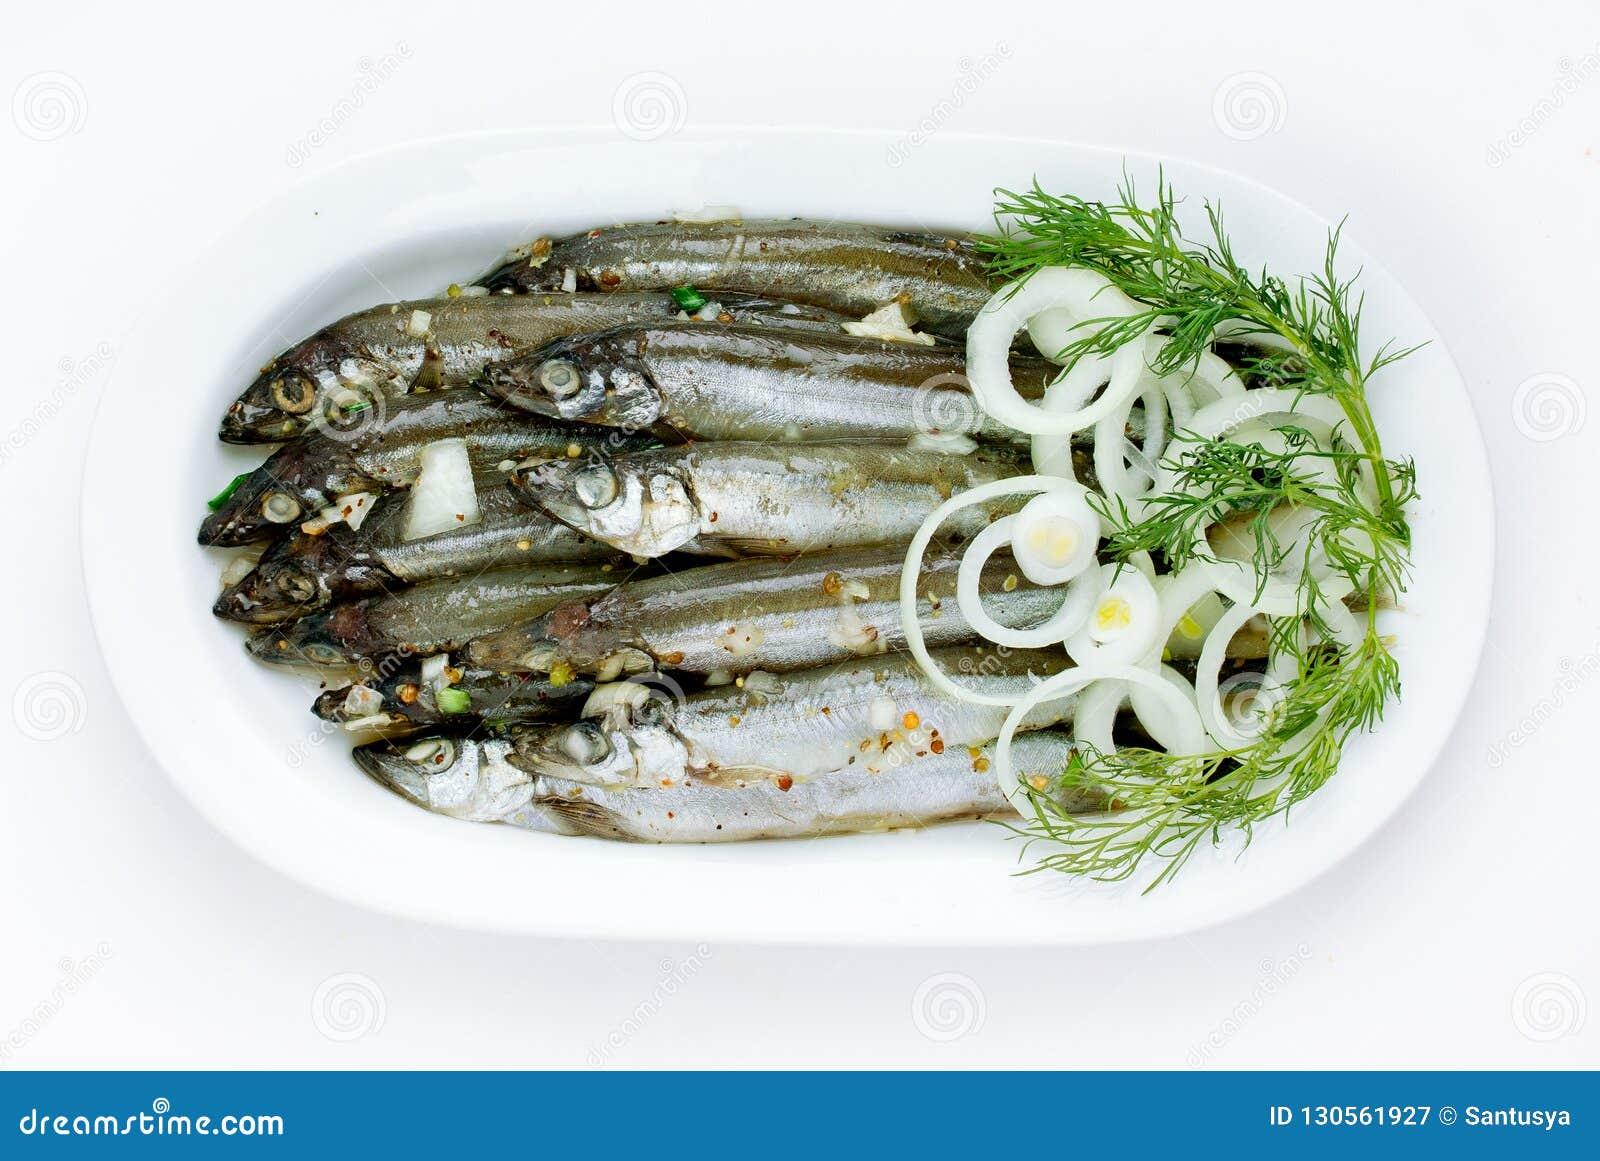 Peixes salgados na placa branca isolada no fundo branco